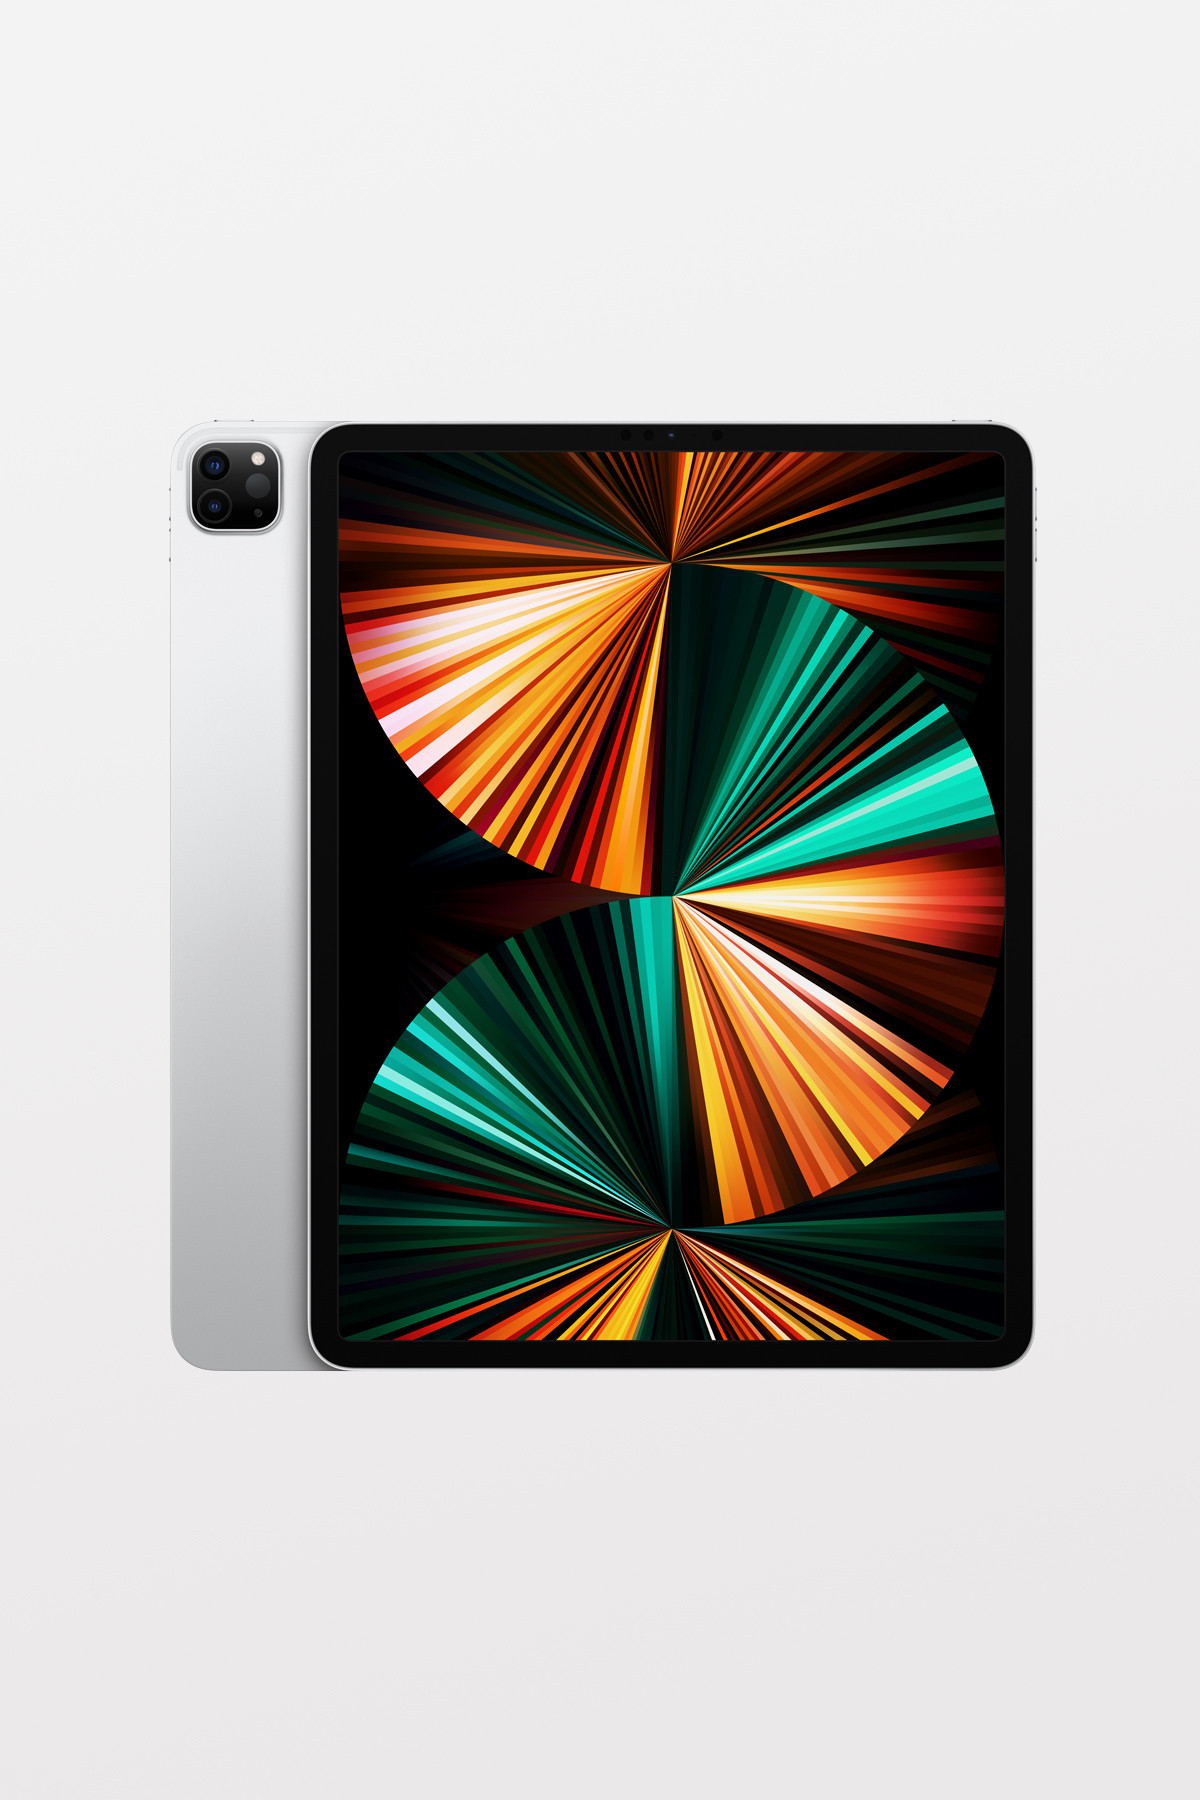 iPad Pro 12.9 (5GEN) WI-FI 2TB Silver